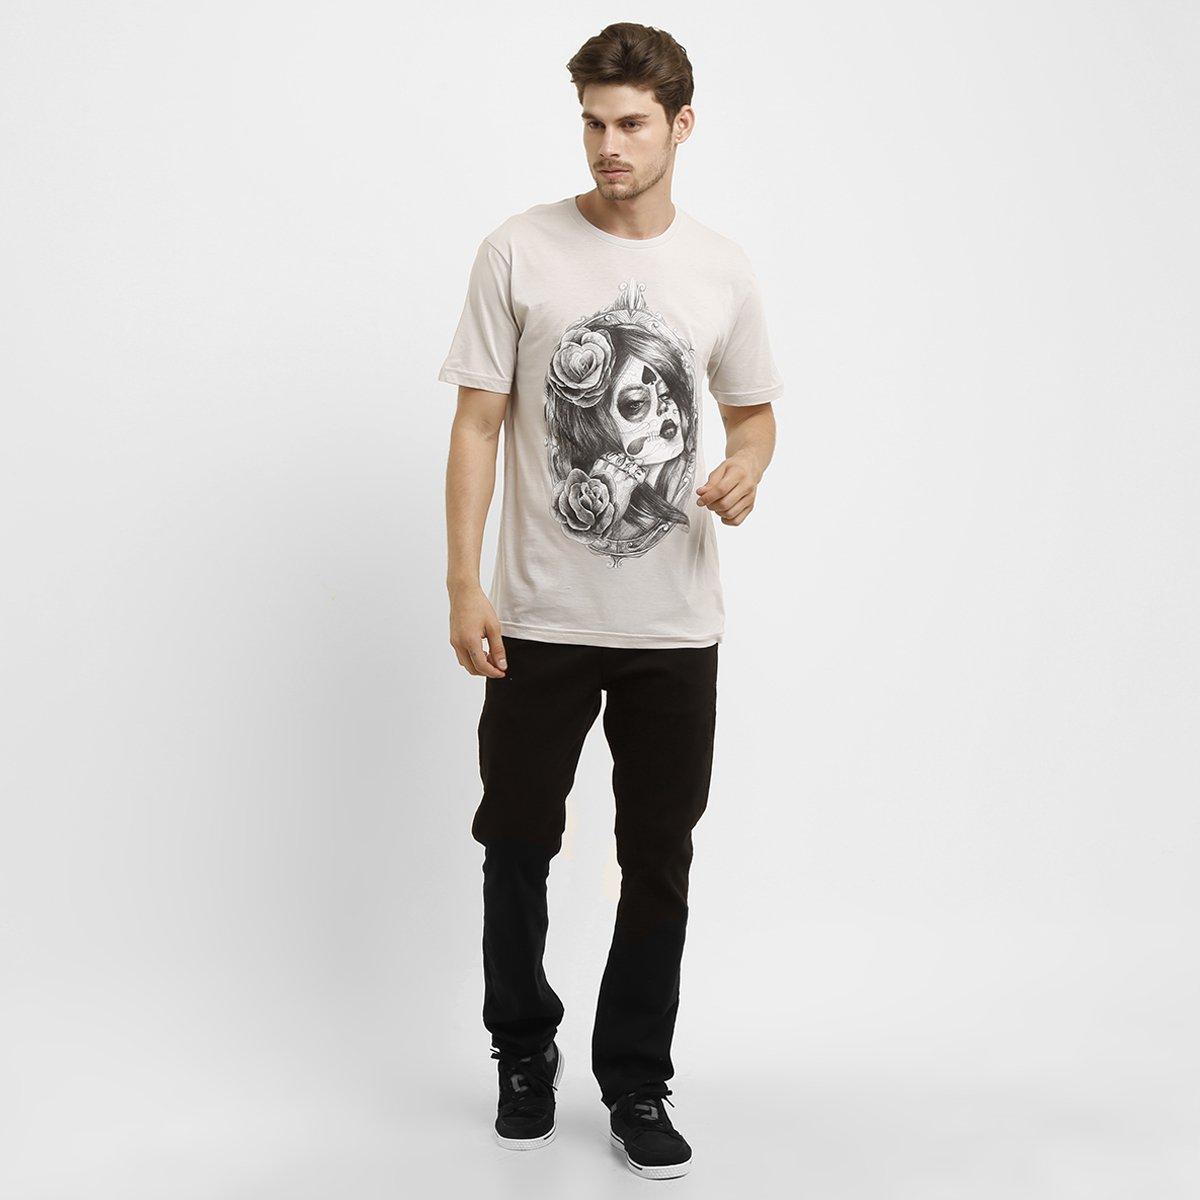 Camiseta MCD Santa Muerte - Compre Agora  12b4294a87a